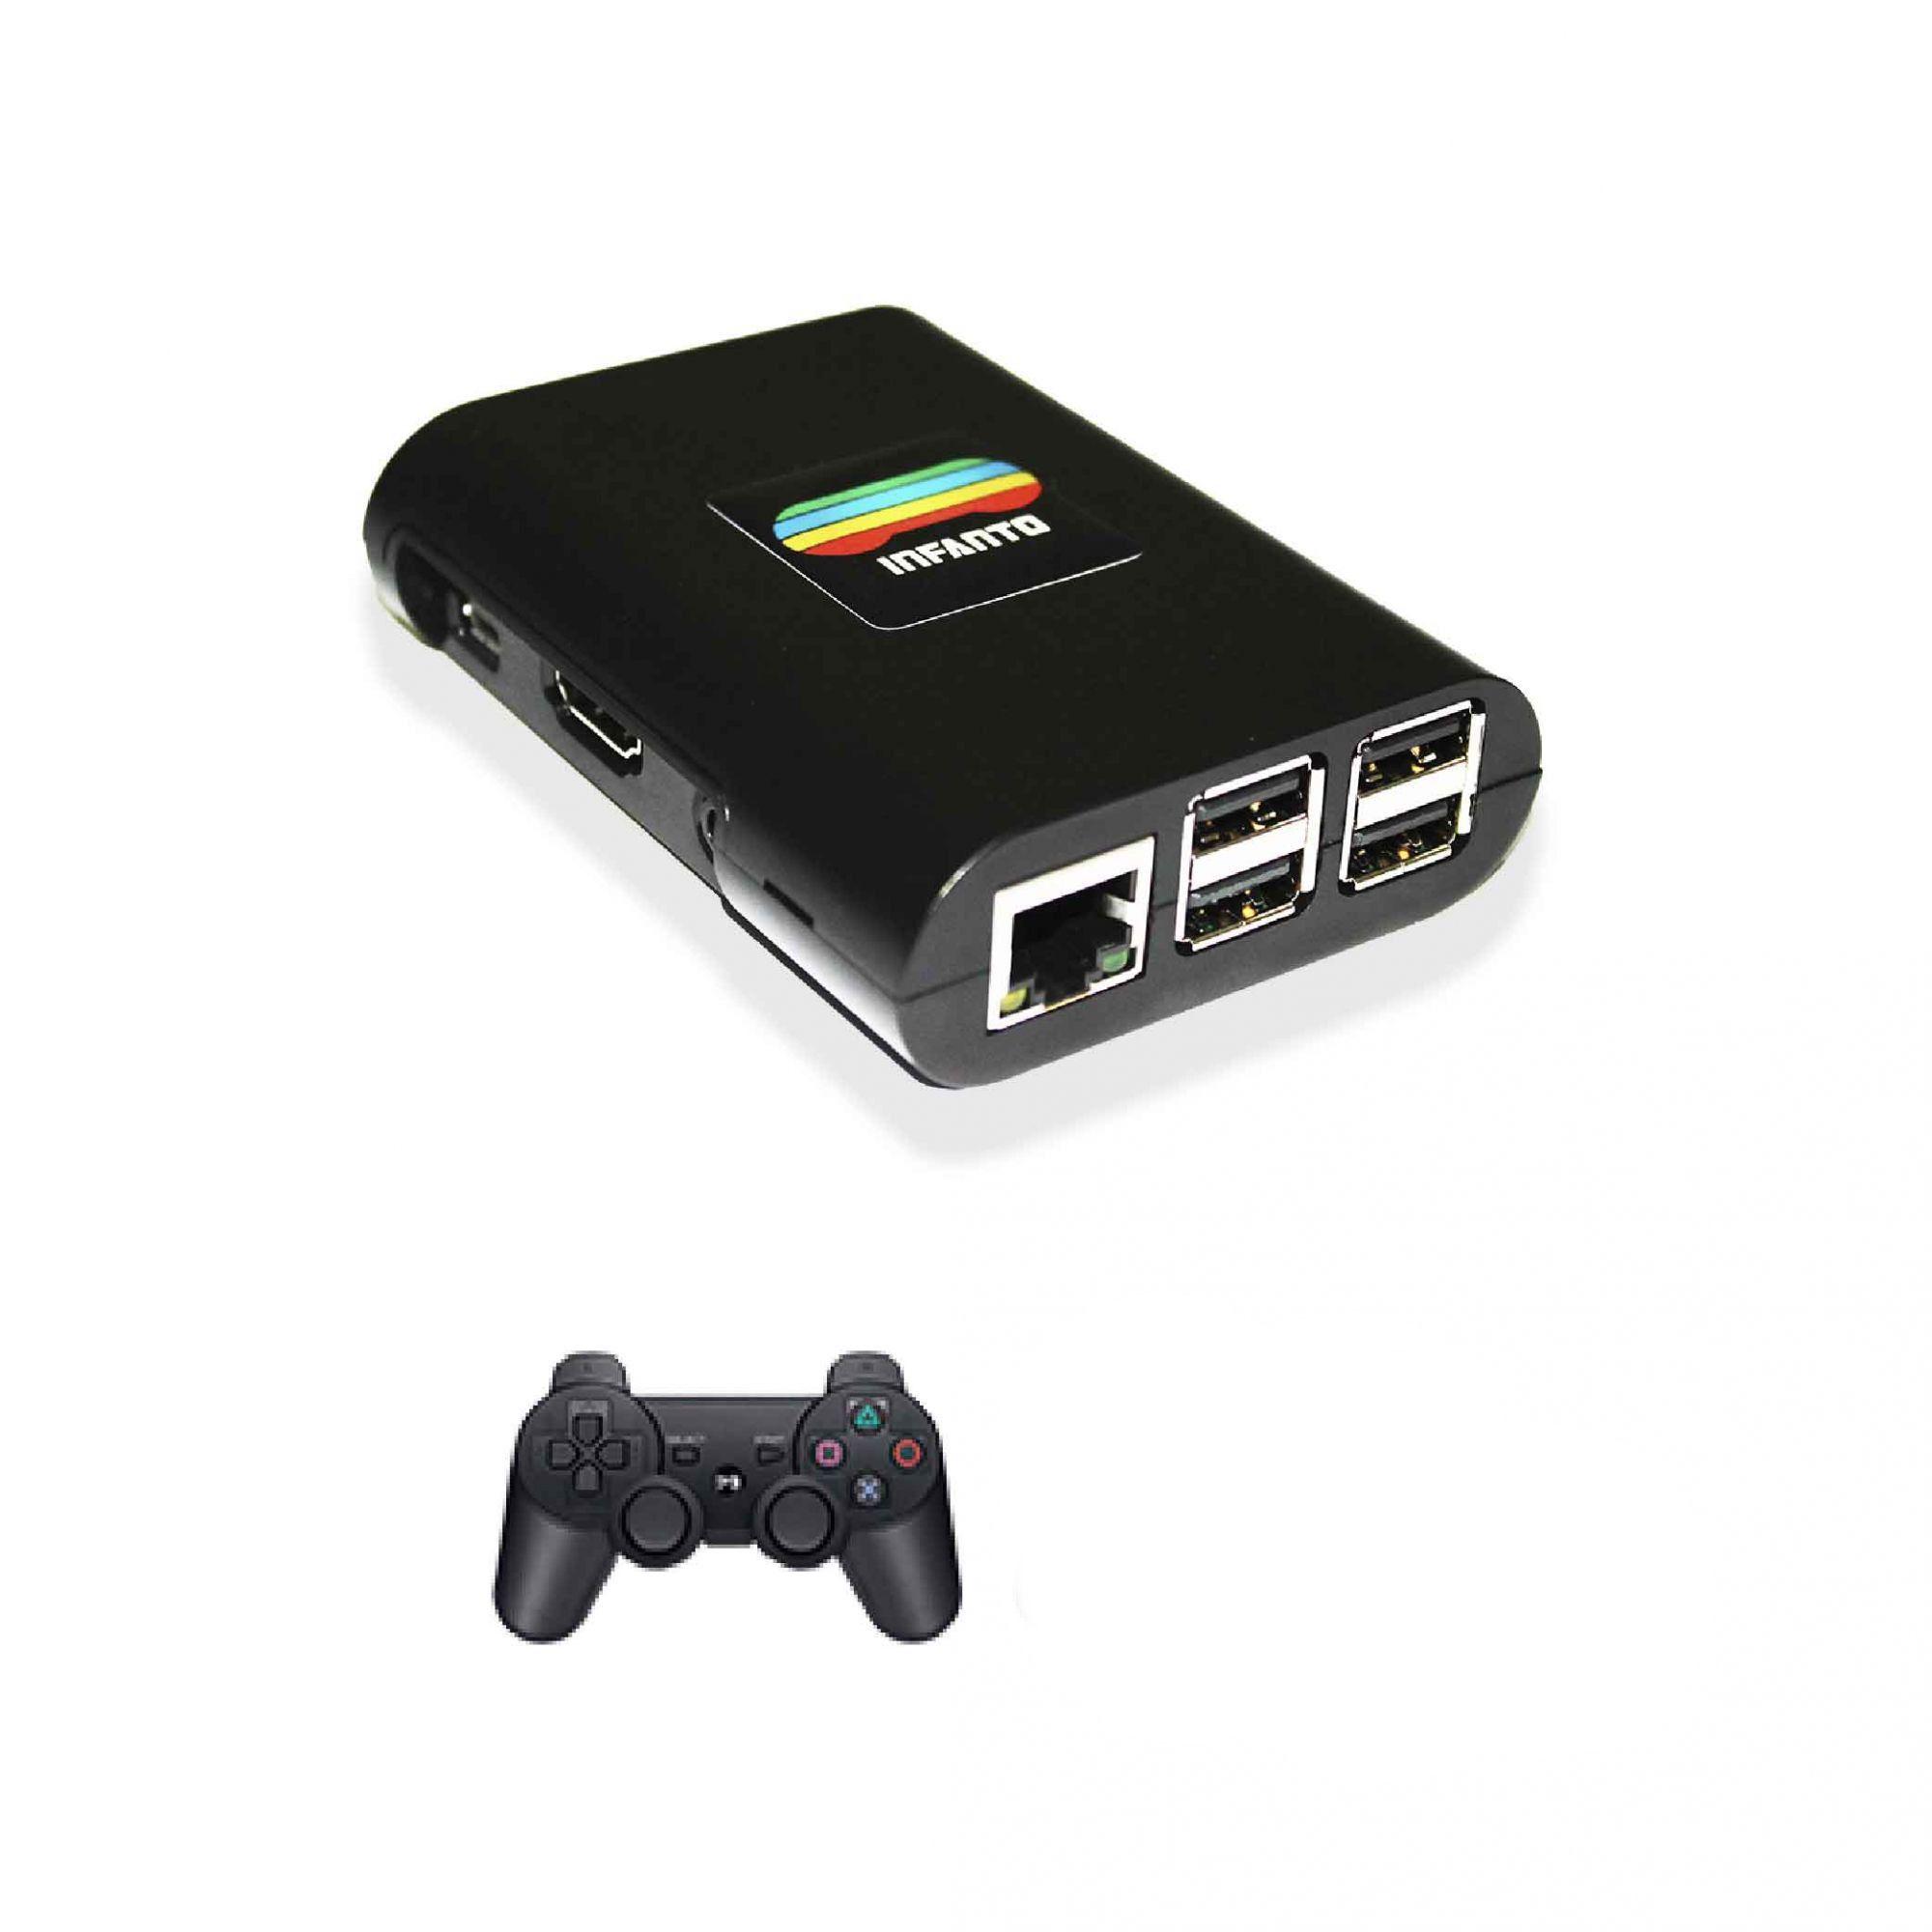 Console Infanto 3 - Video game Retrô Multijogos antigos em HD (1 controle sem fio)